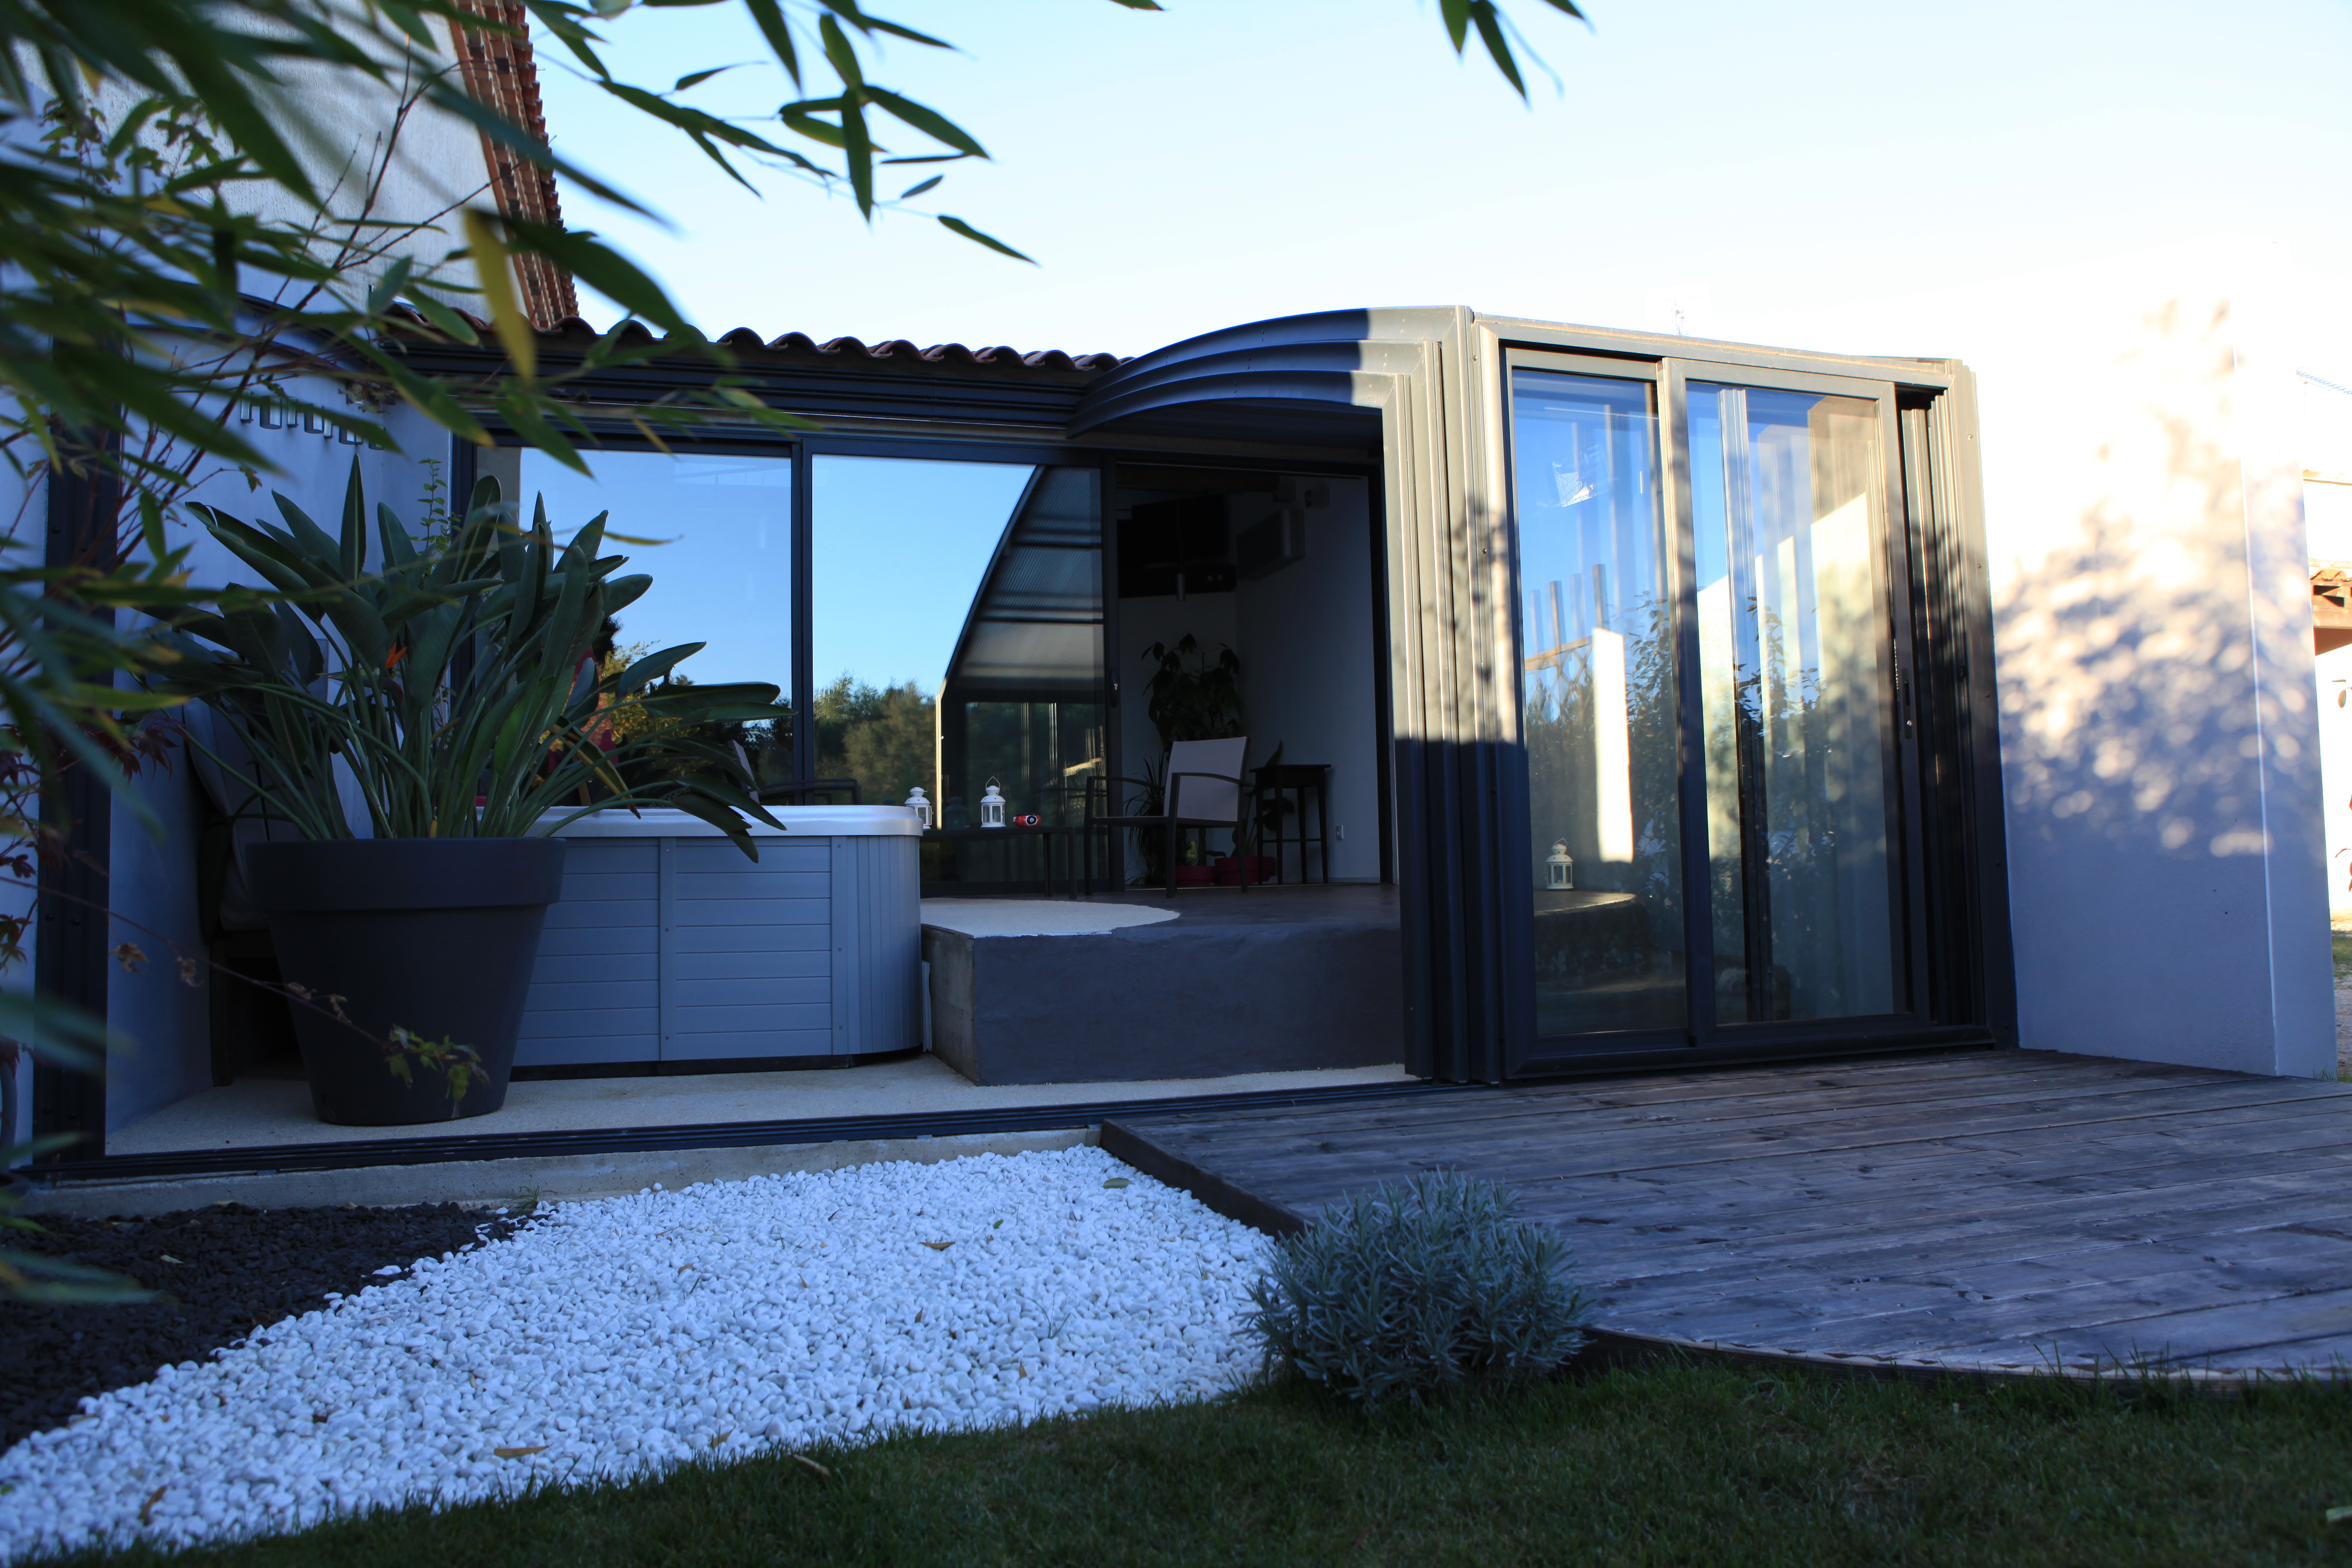 Abri Terrasse Fixe Et Coulissant | Fabricant Azenco encequiconcerne Abri De Terrasse Ferme